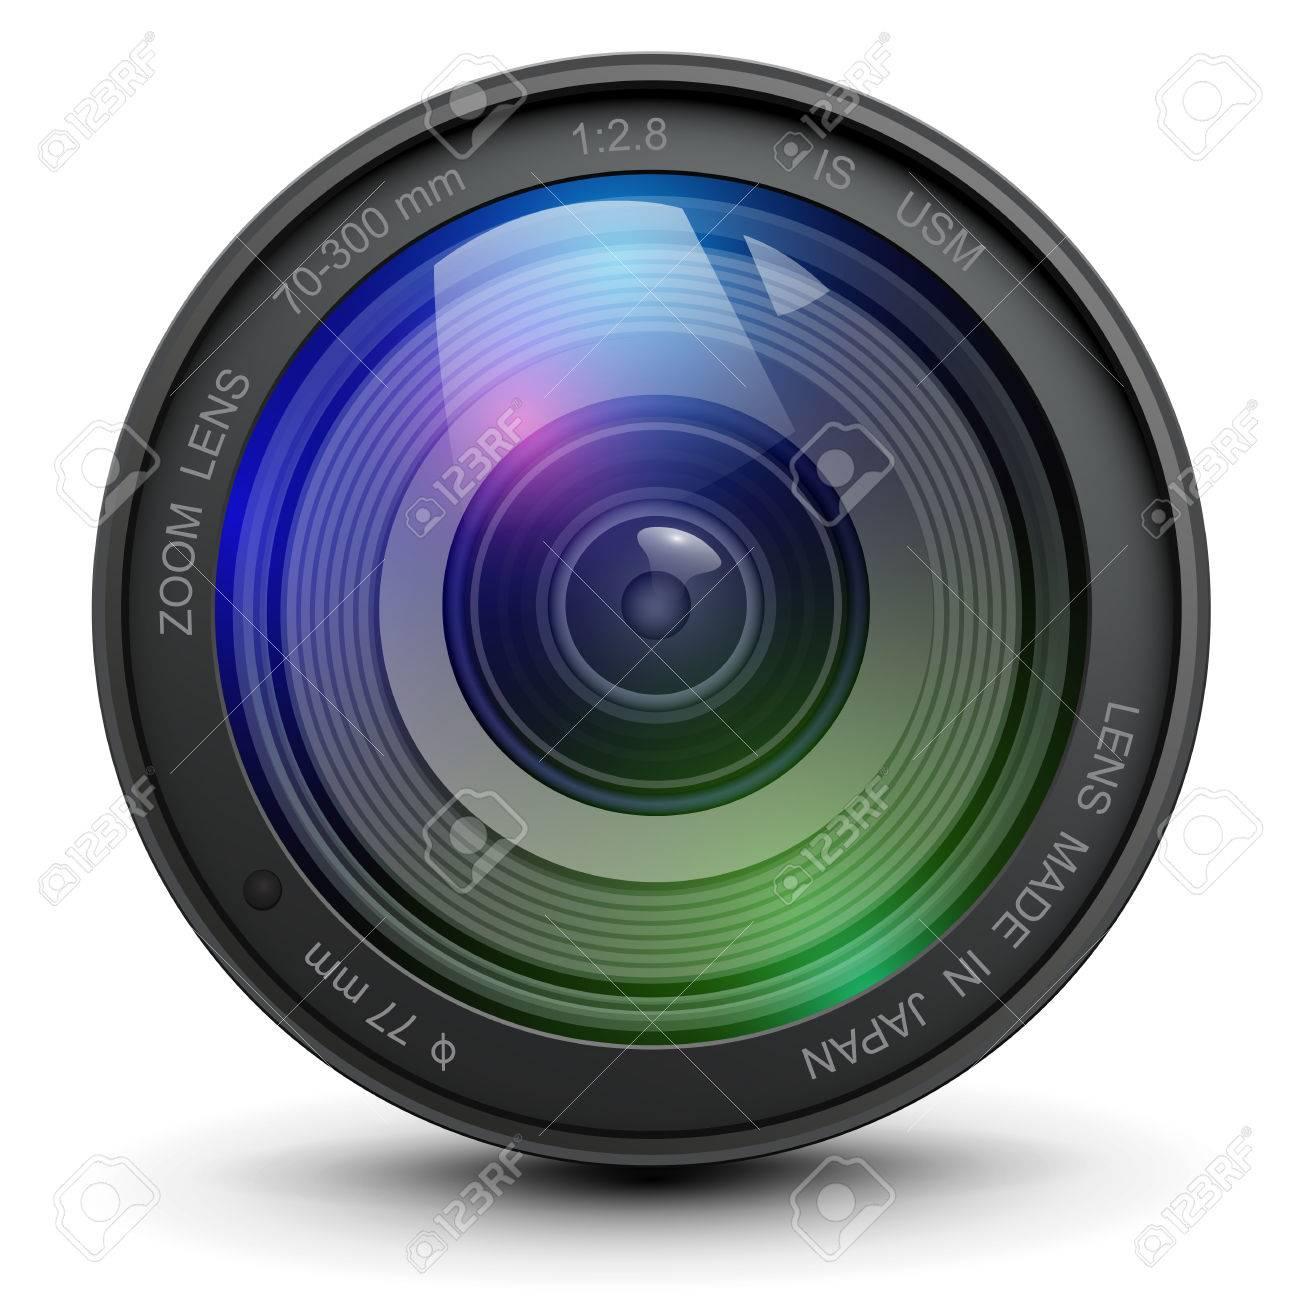 カメラ写真レンズ、ベクトル イラスト ロイヤリティフリークリップ